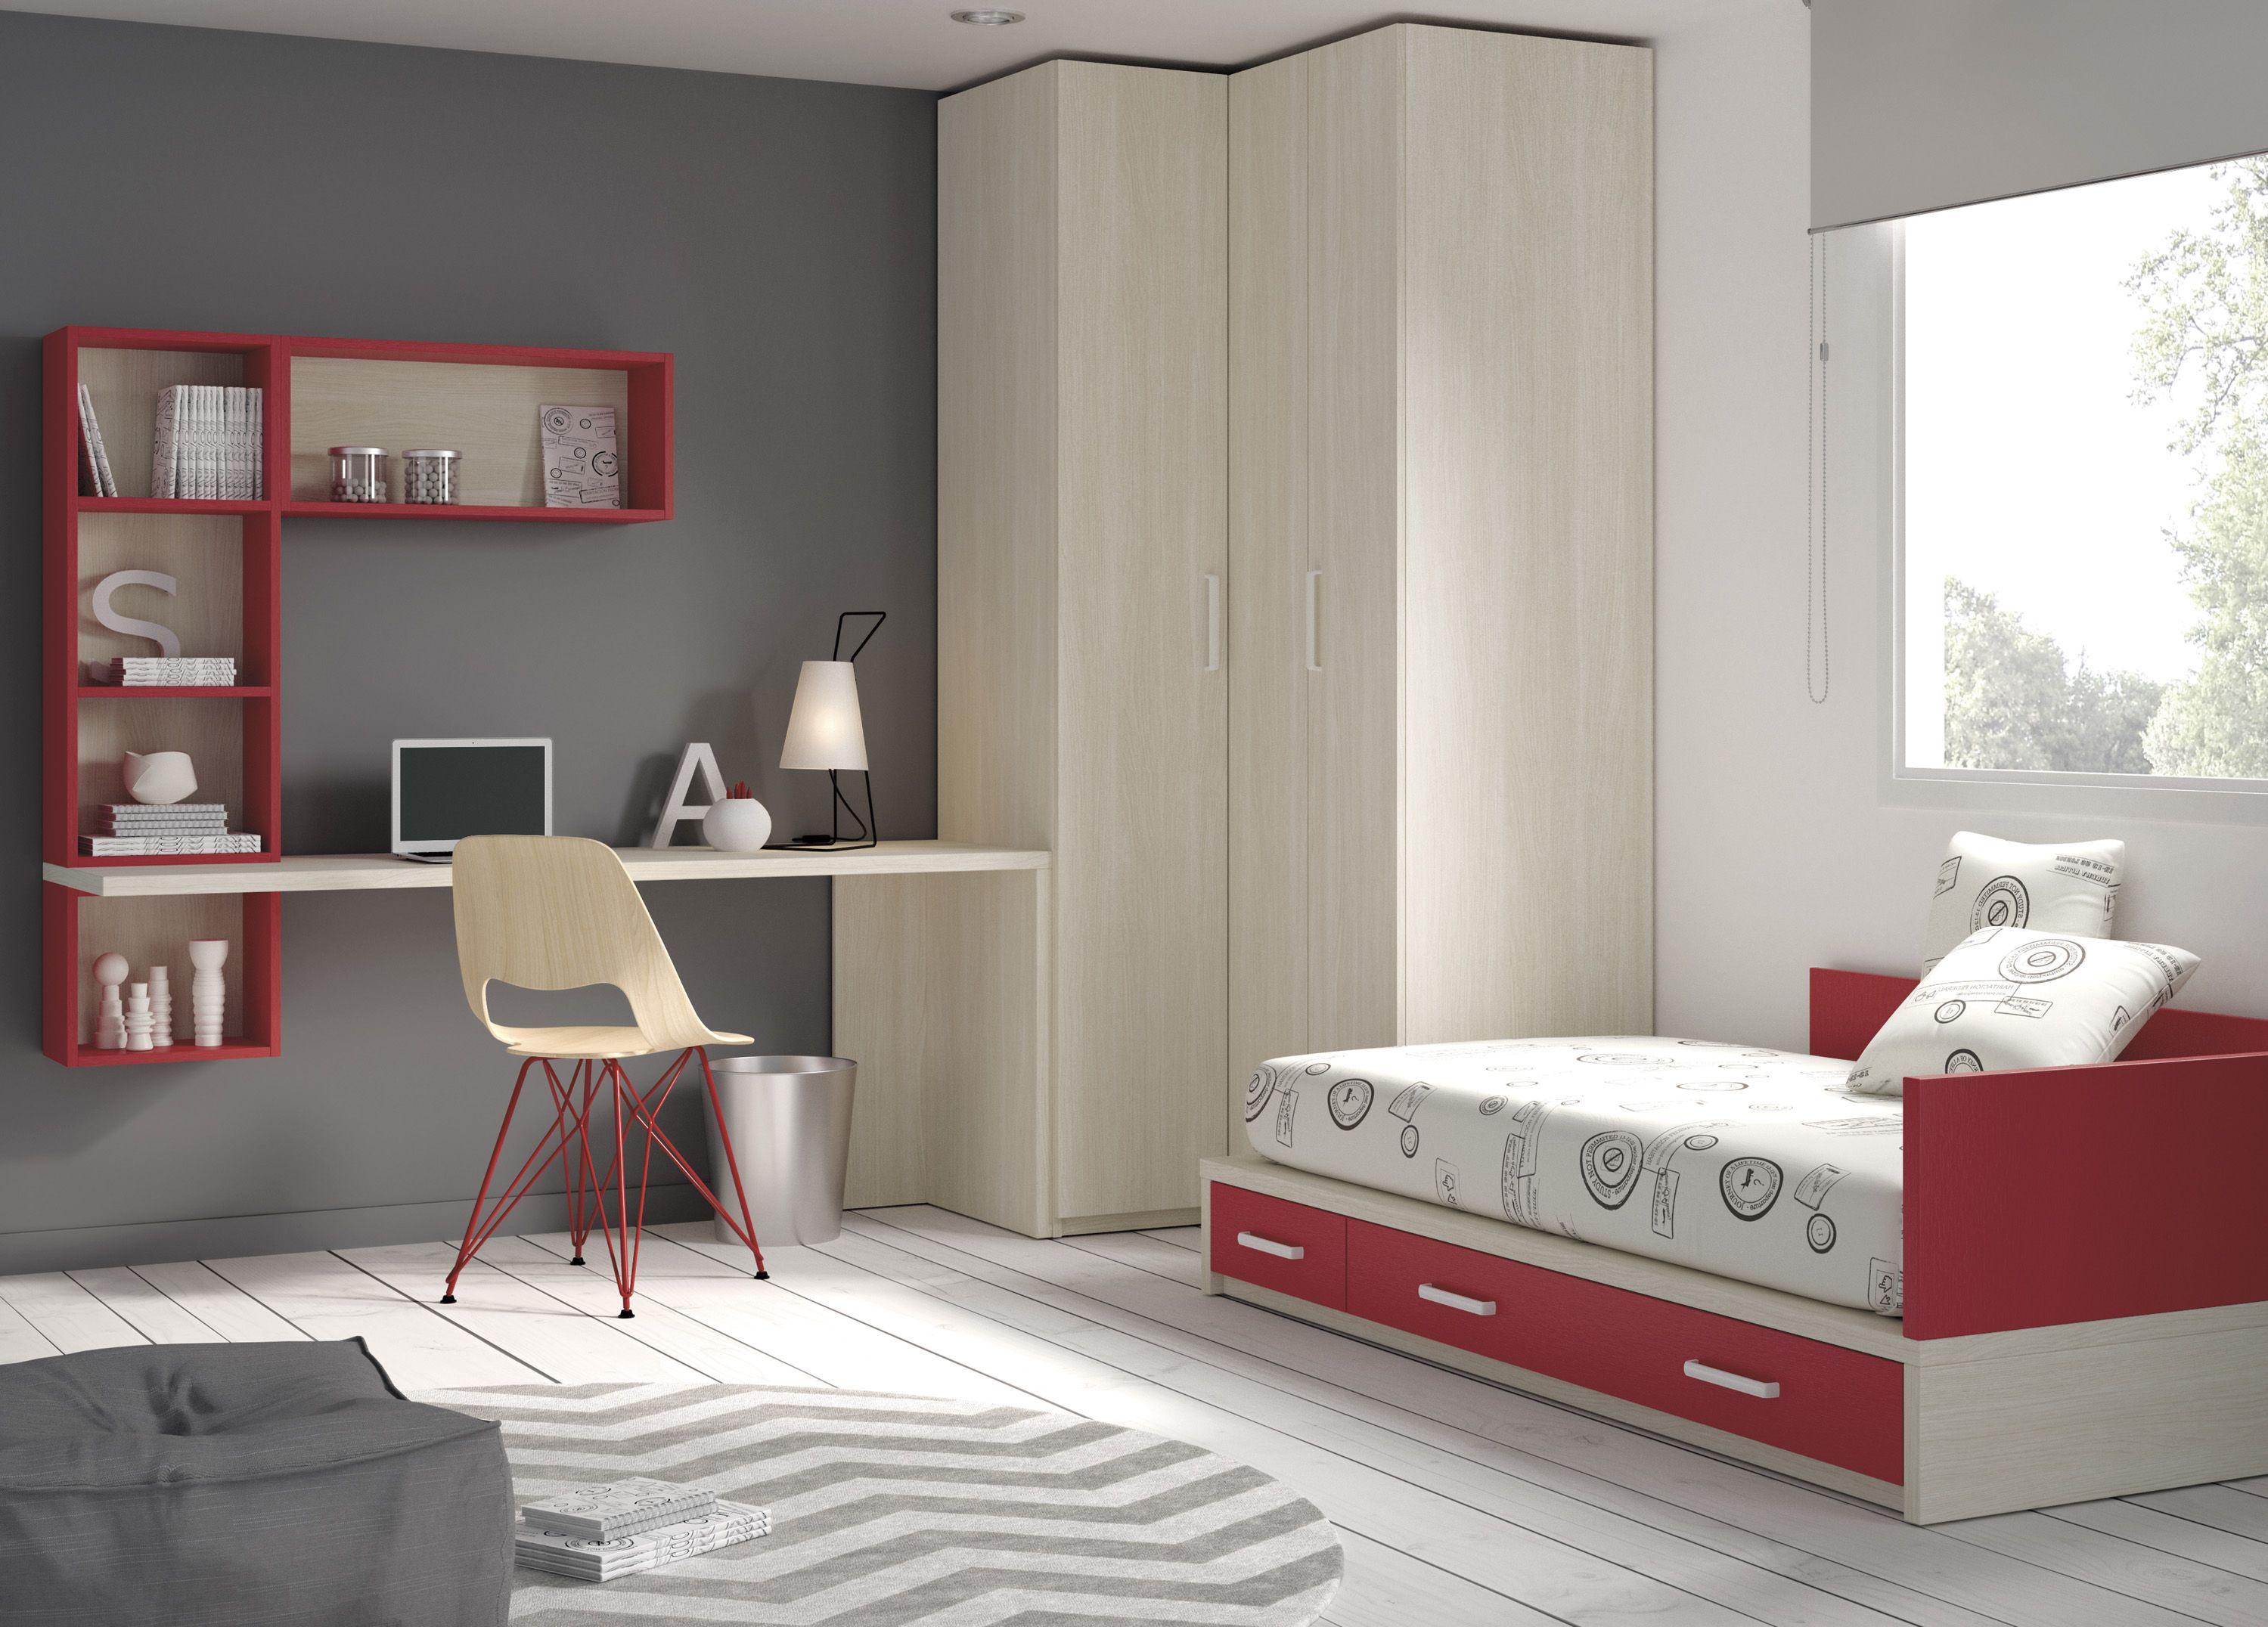 Se acercan los #exámenes necesitas tener todo apunto para un optimo #estudio, empieza por tu #habitación